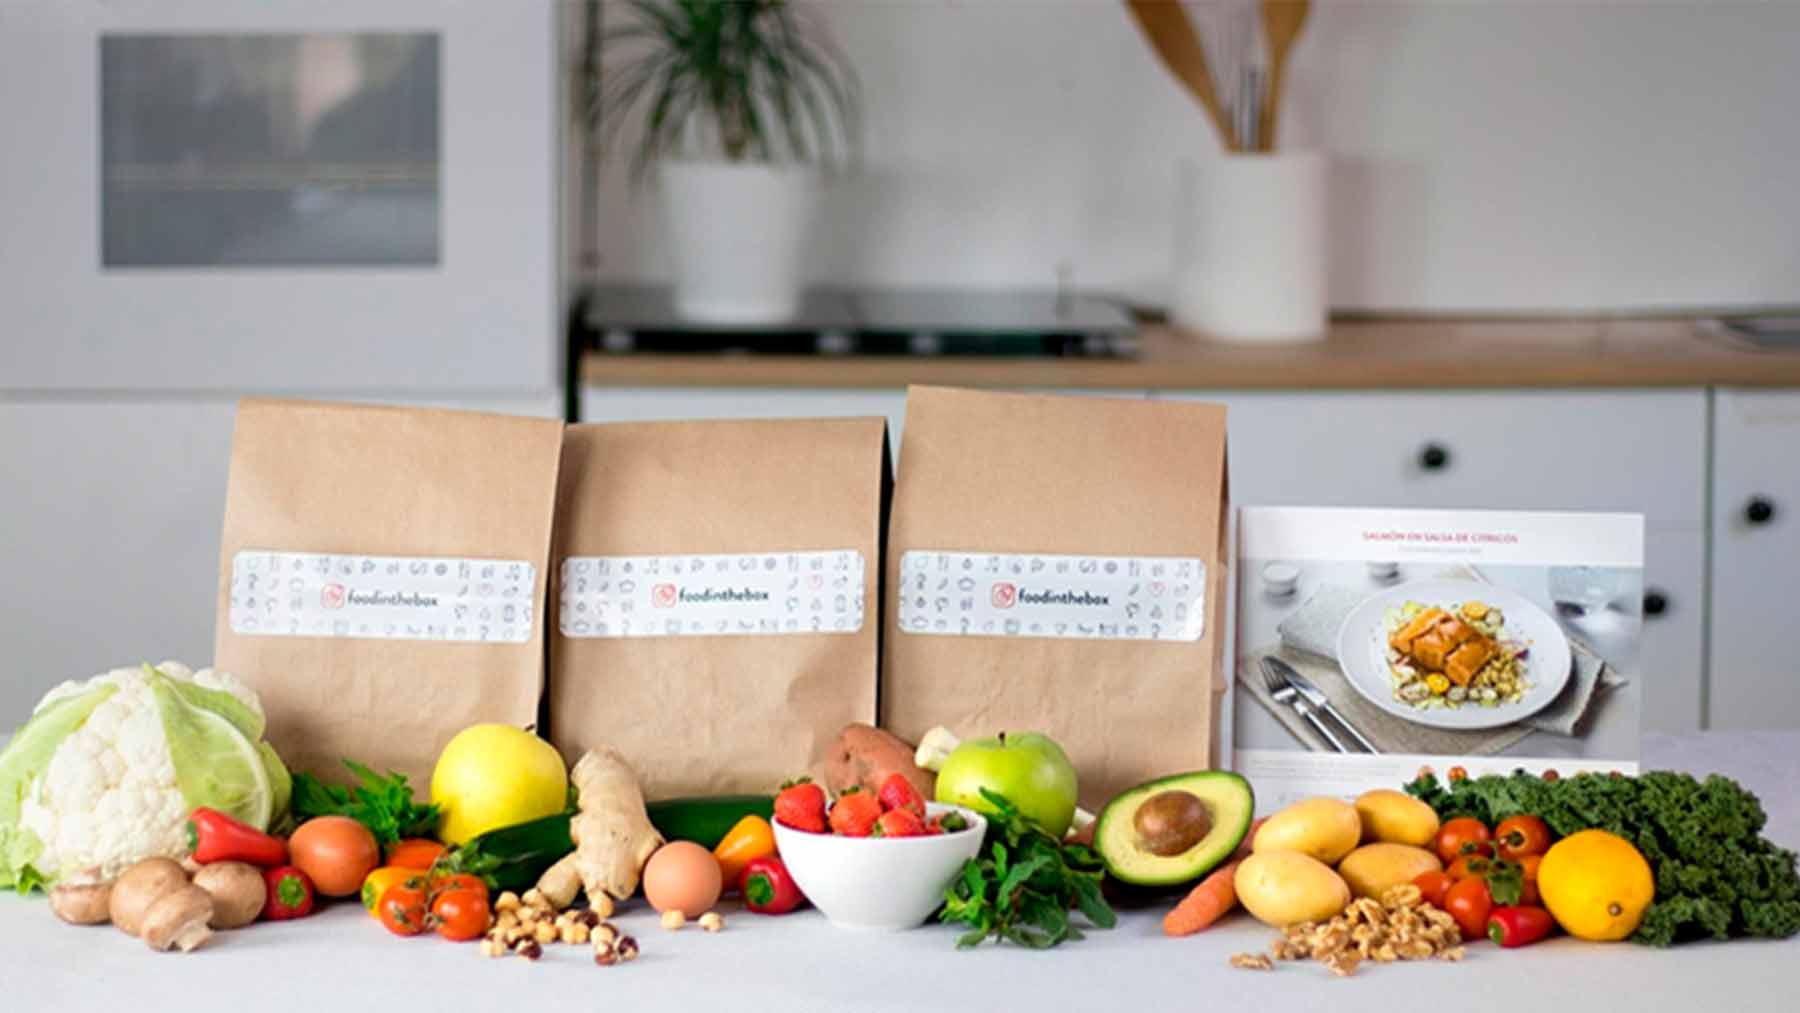 Kits de recetas con sus ingredientes a domicilio